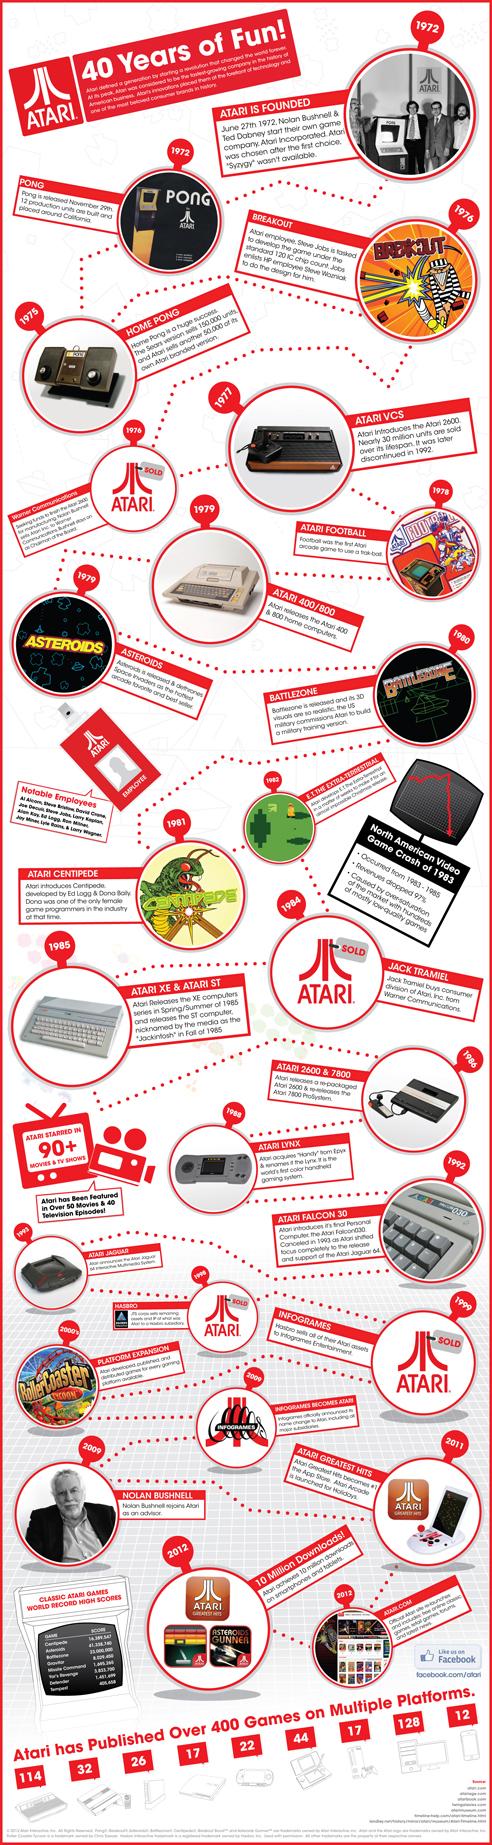 Atari turned 40 in 2012!